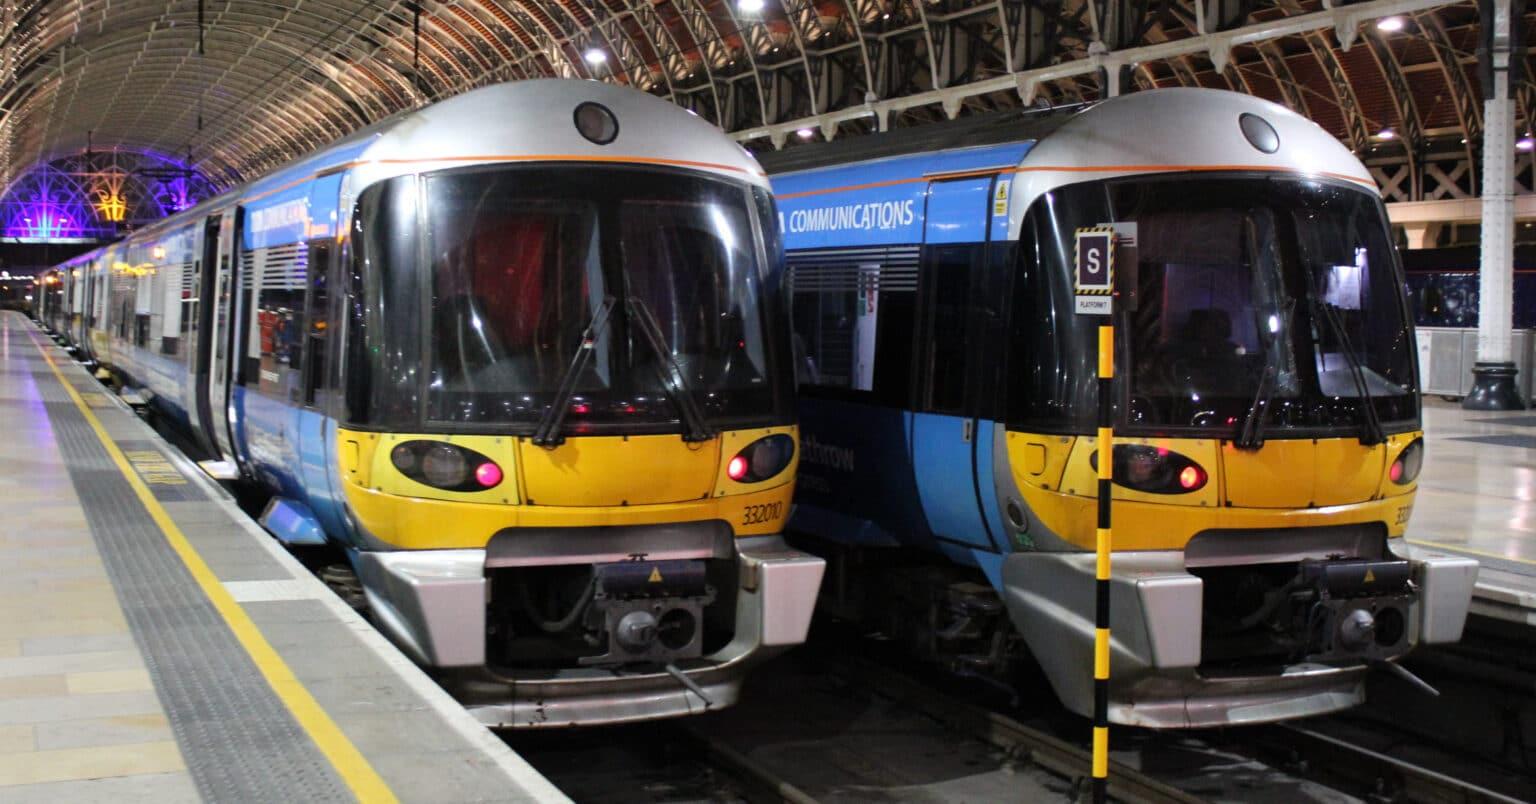 Dos composiciones de la serie 332 en la estación de Paddington. Foto: SavageKiera.